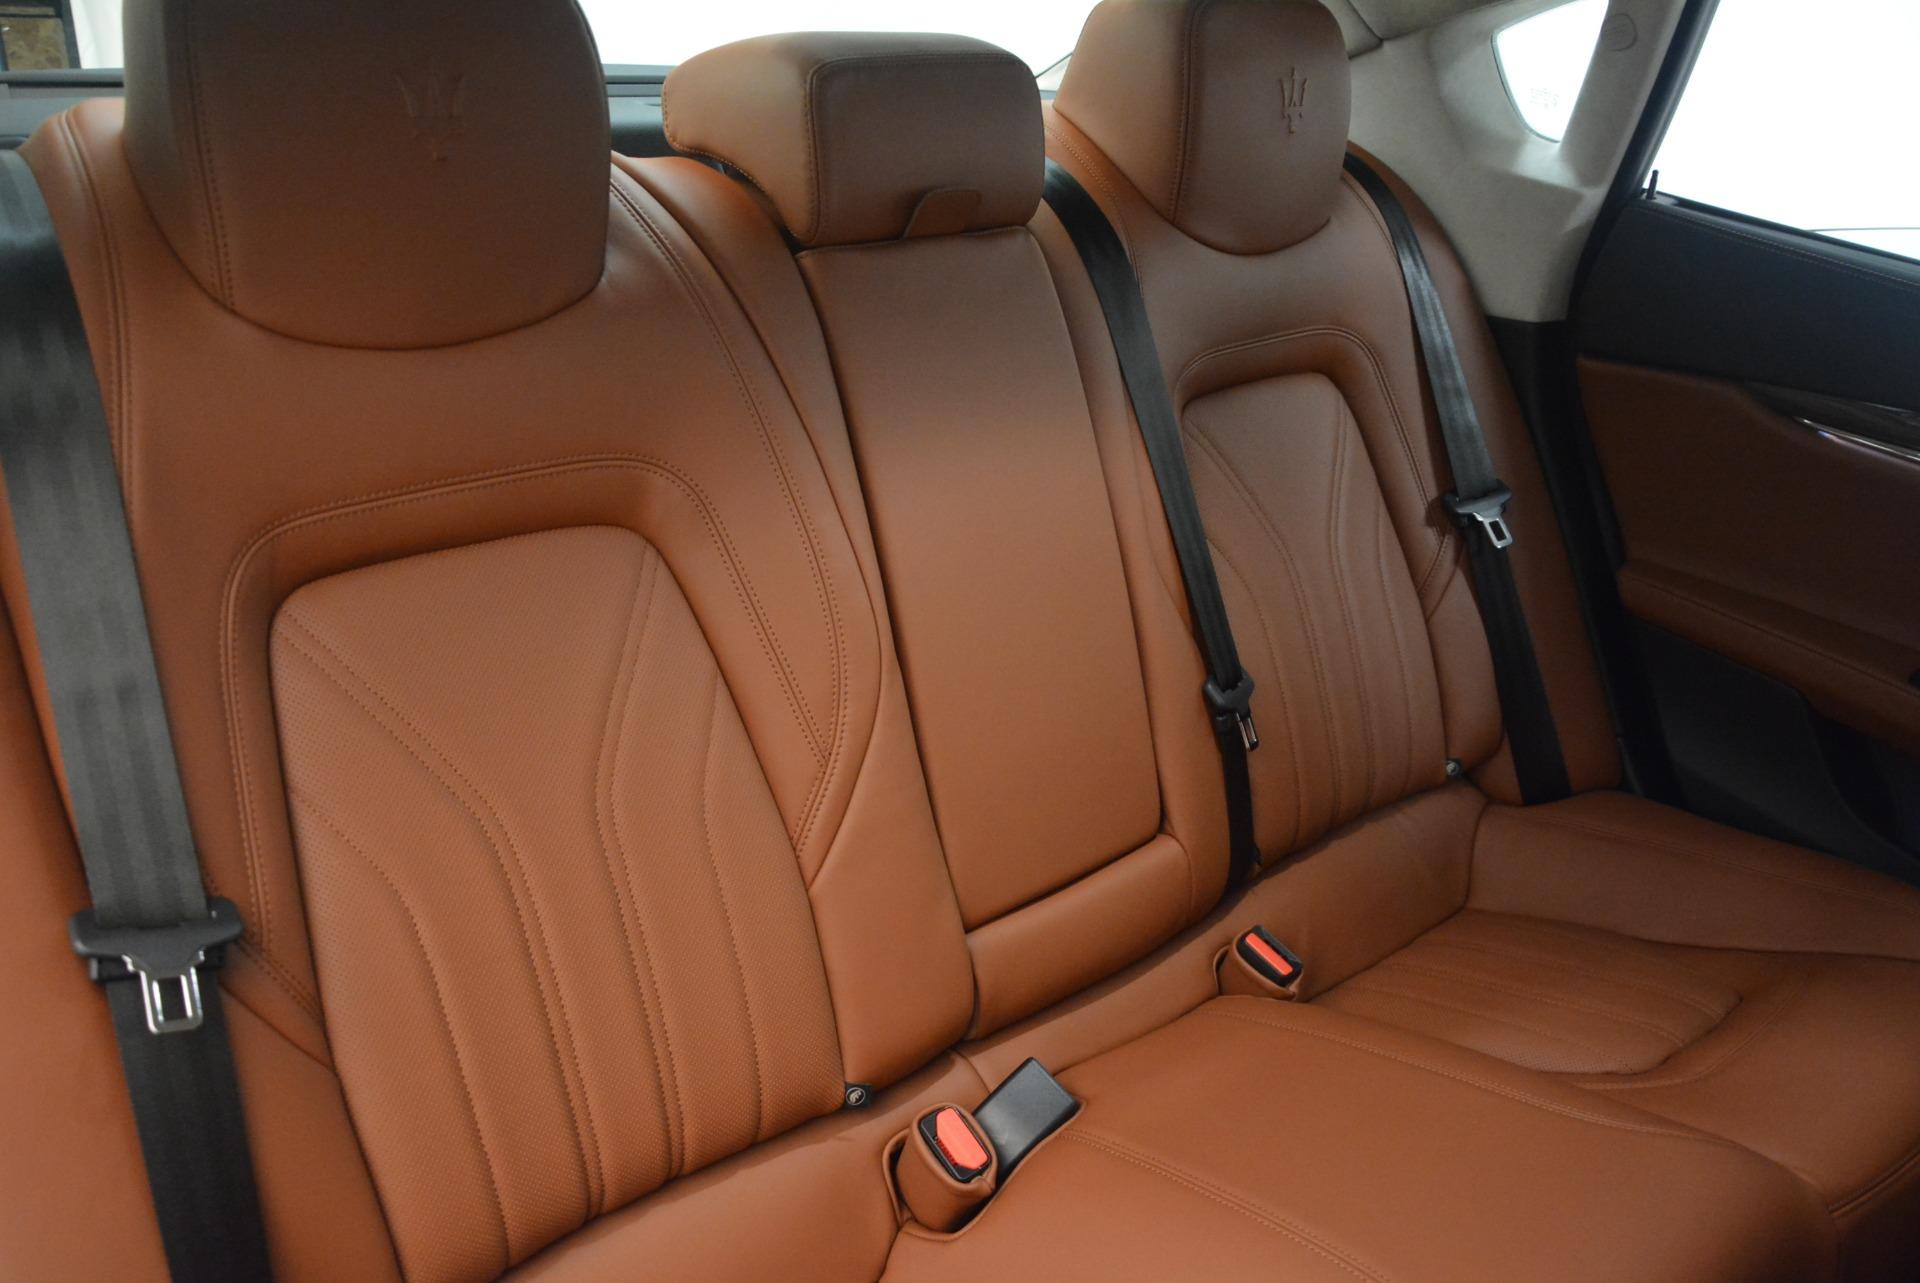 Used 2018 Maserati Quattroporte S Q4 GranLusso For Sale In Greenwich, CT 1572_p23